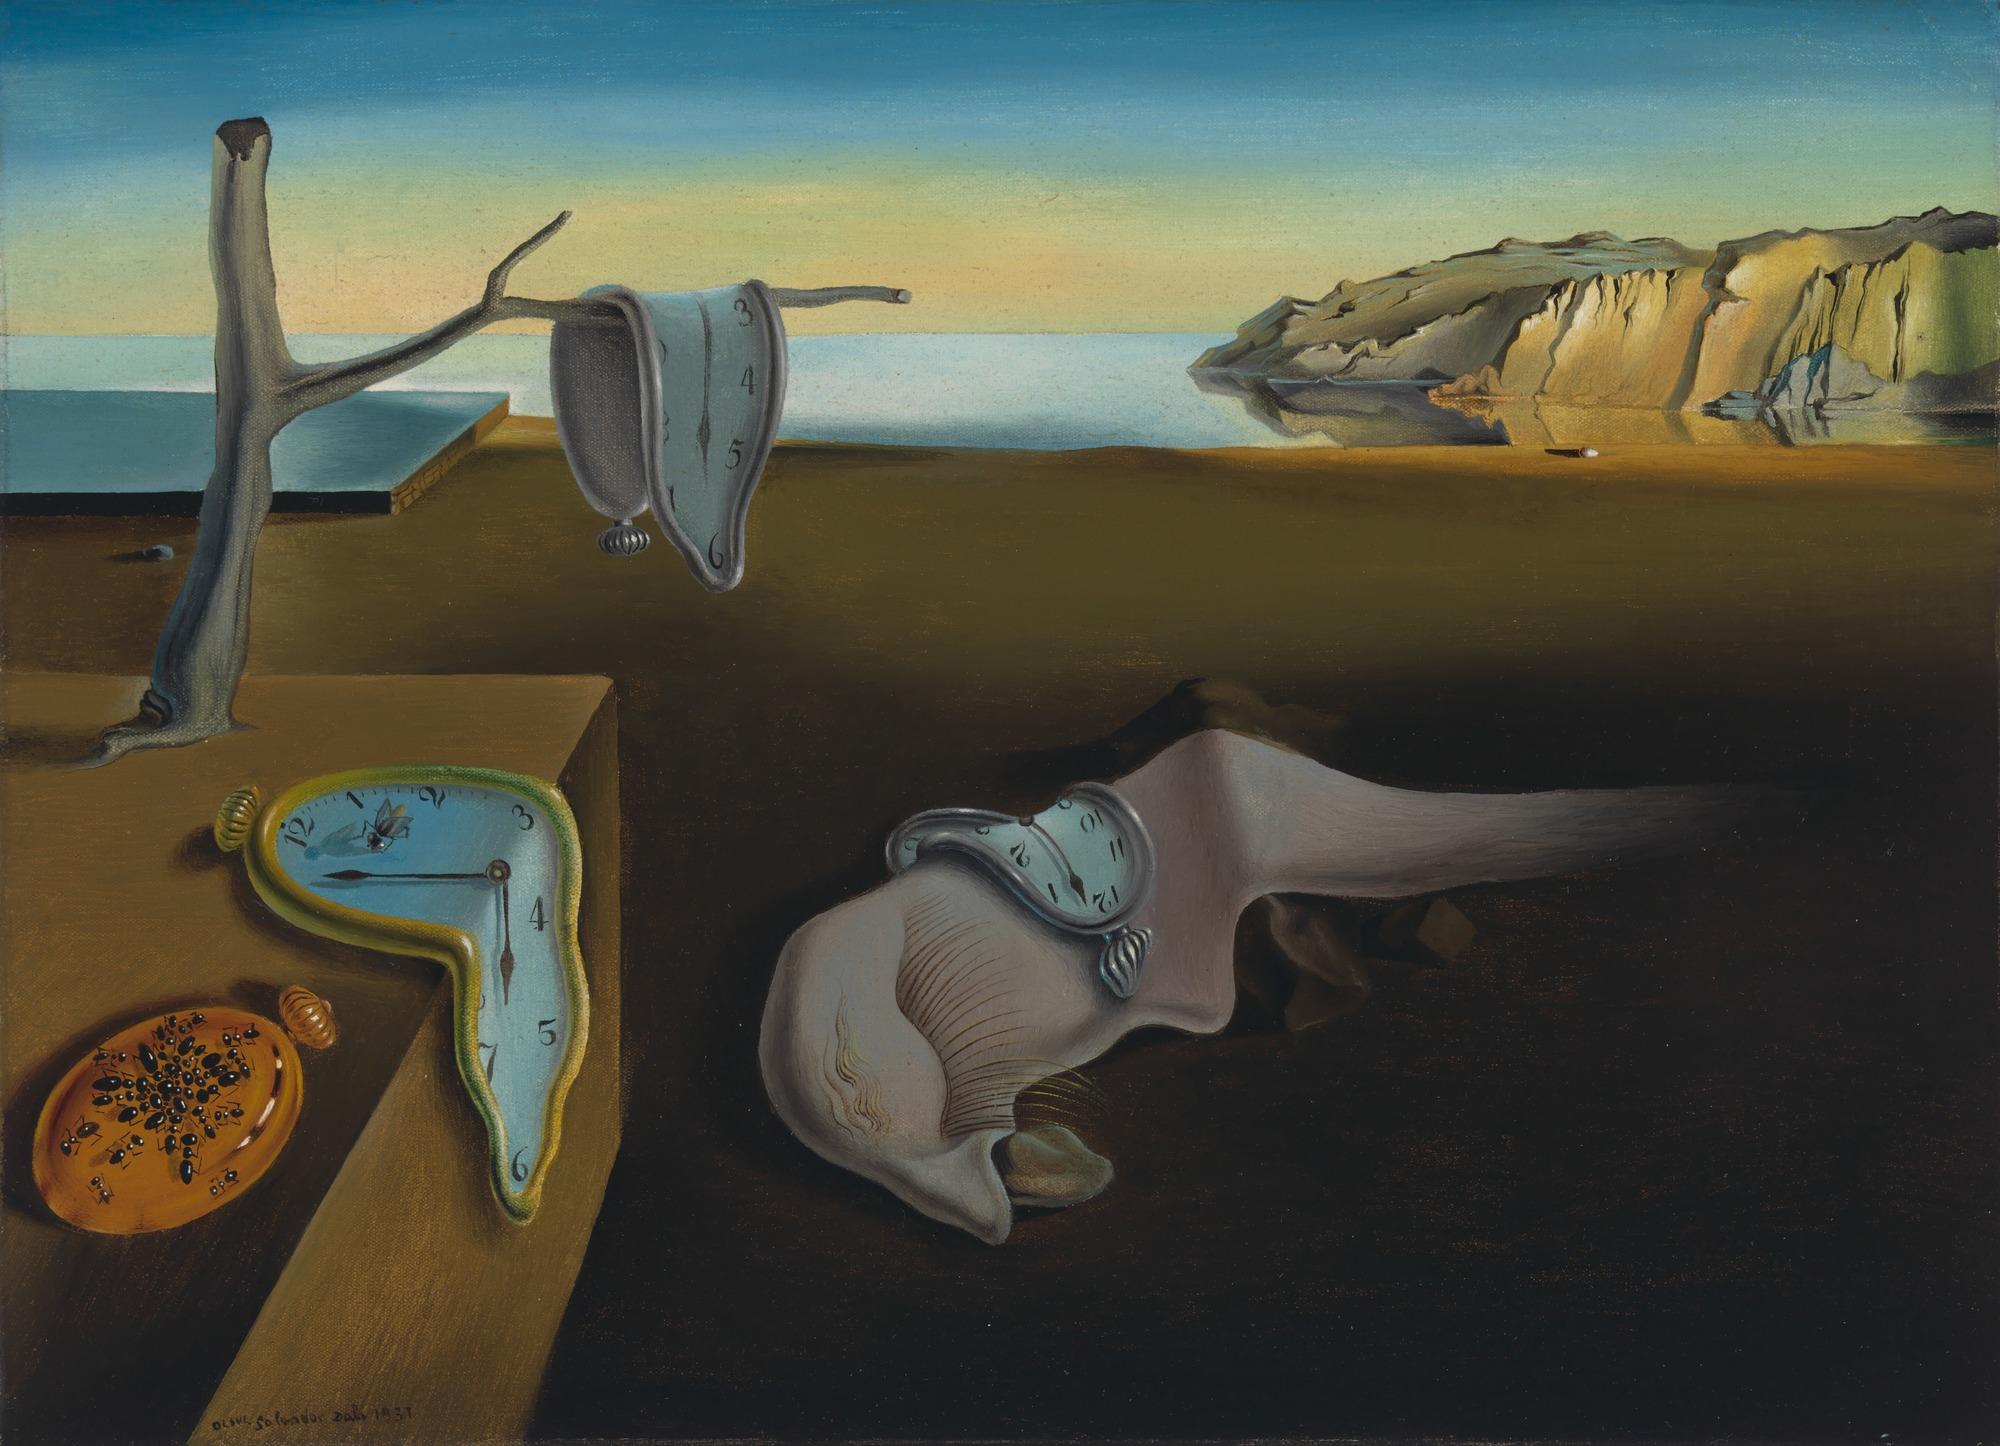 Сальвадор Дали. Постоянство памяти. 1931 г. Нью-Йоркский музей современного искусства, Нью-Йорк